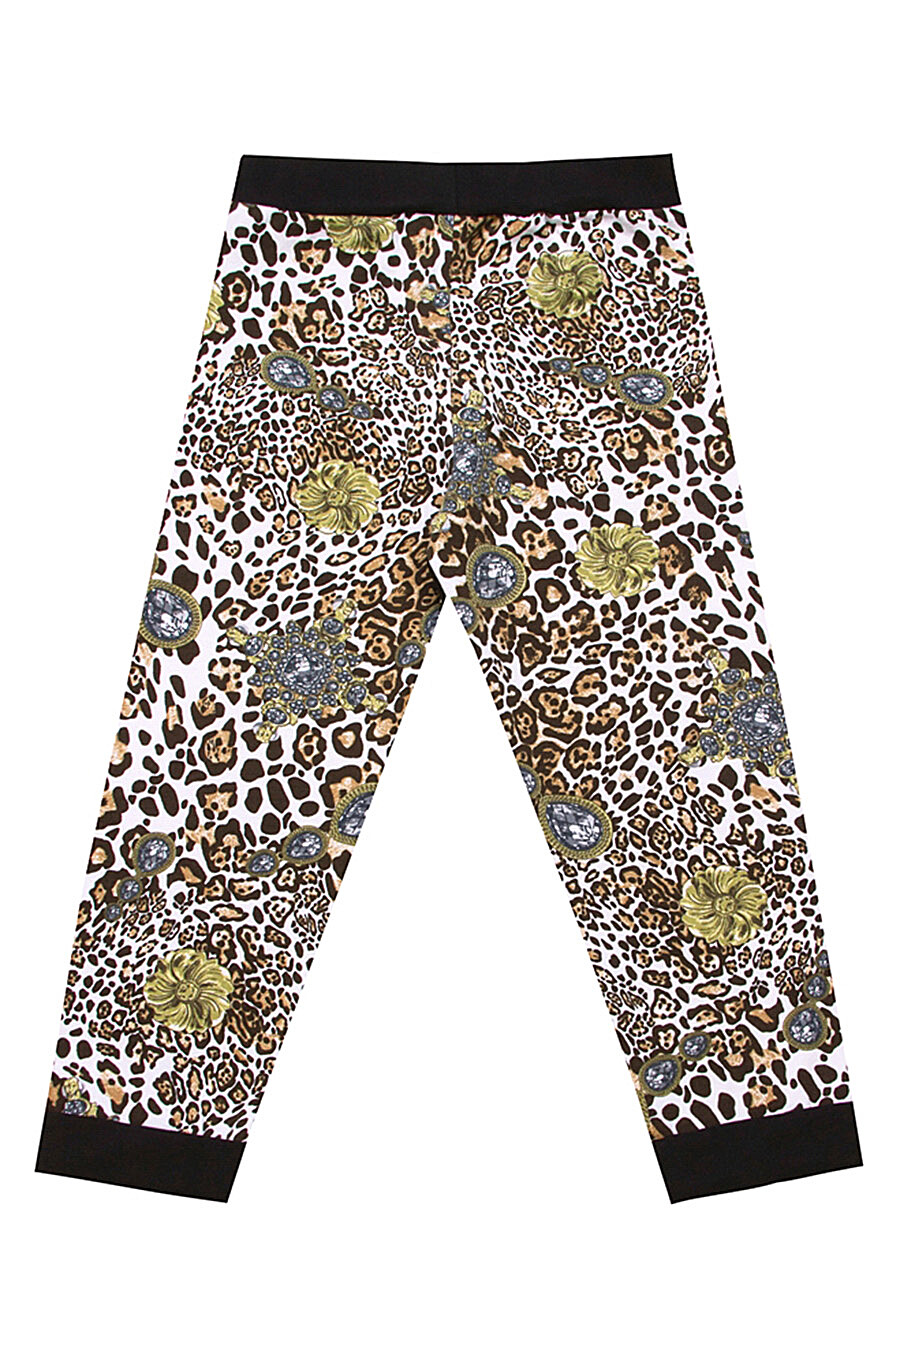 Брюки для девочек Archi 130836 купить оптом от производителя. Совместная покупка детской одежды в OptMoyo